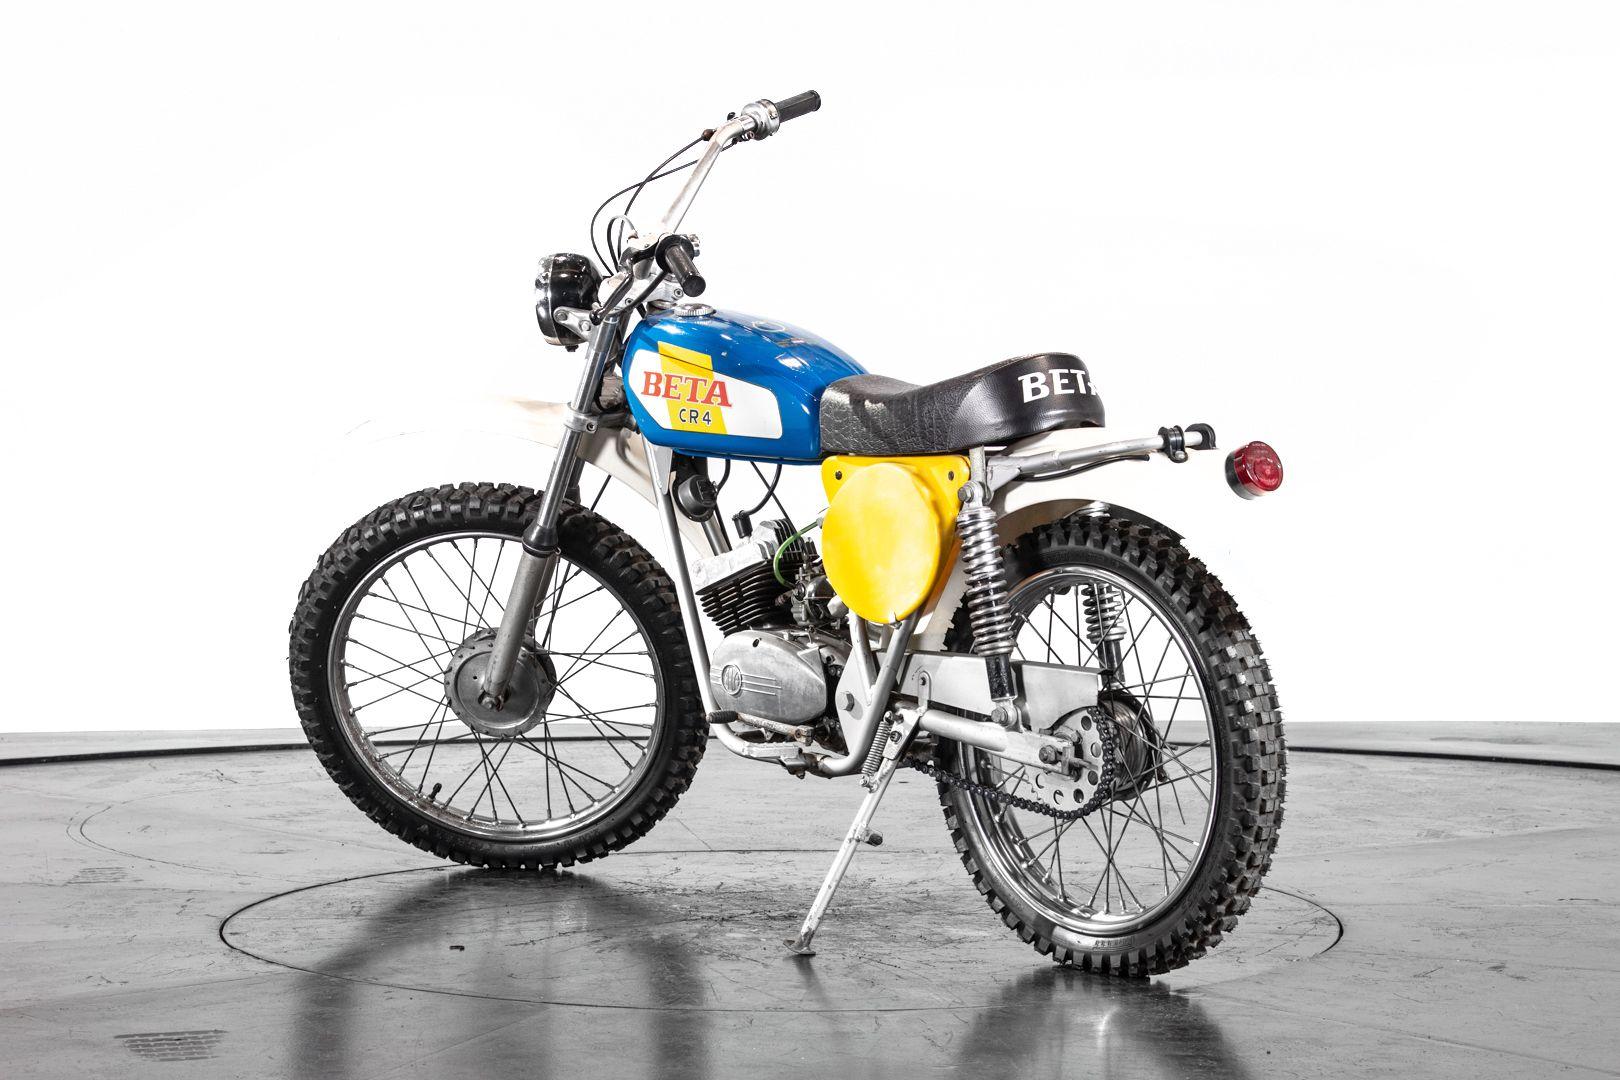 1977 Beta Cross SP 42278